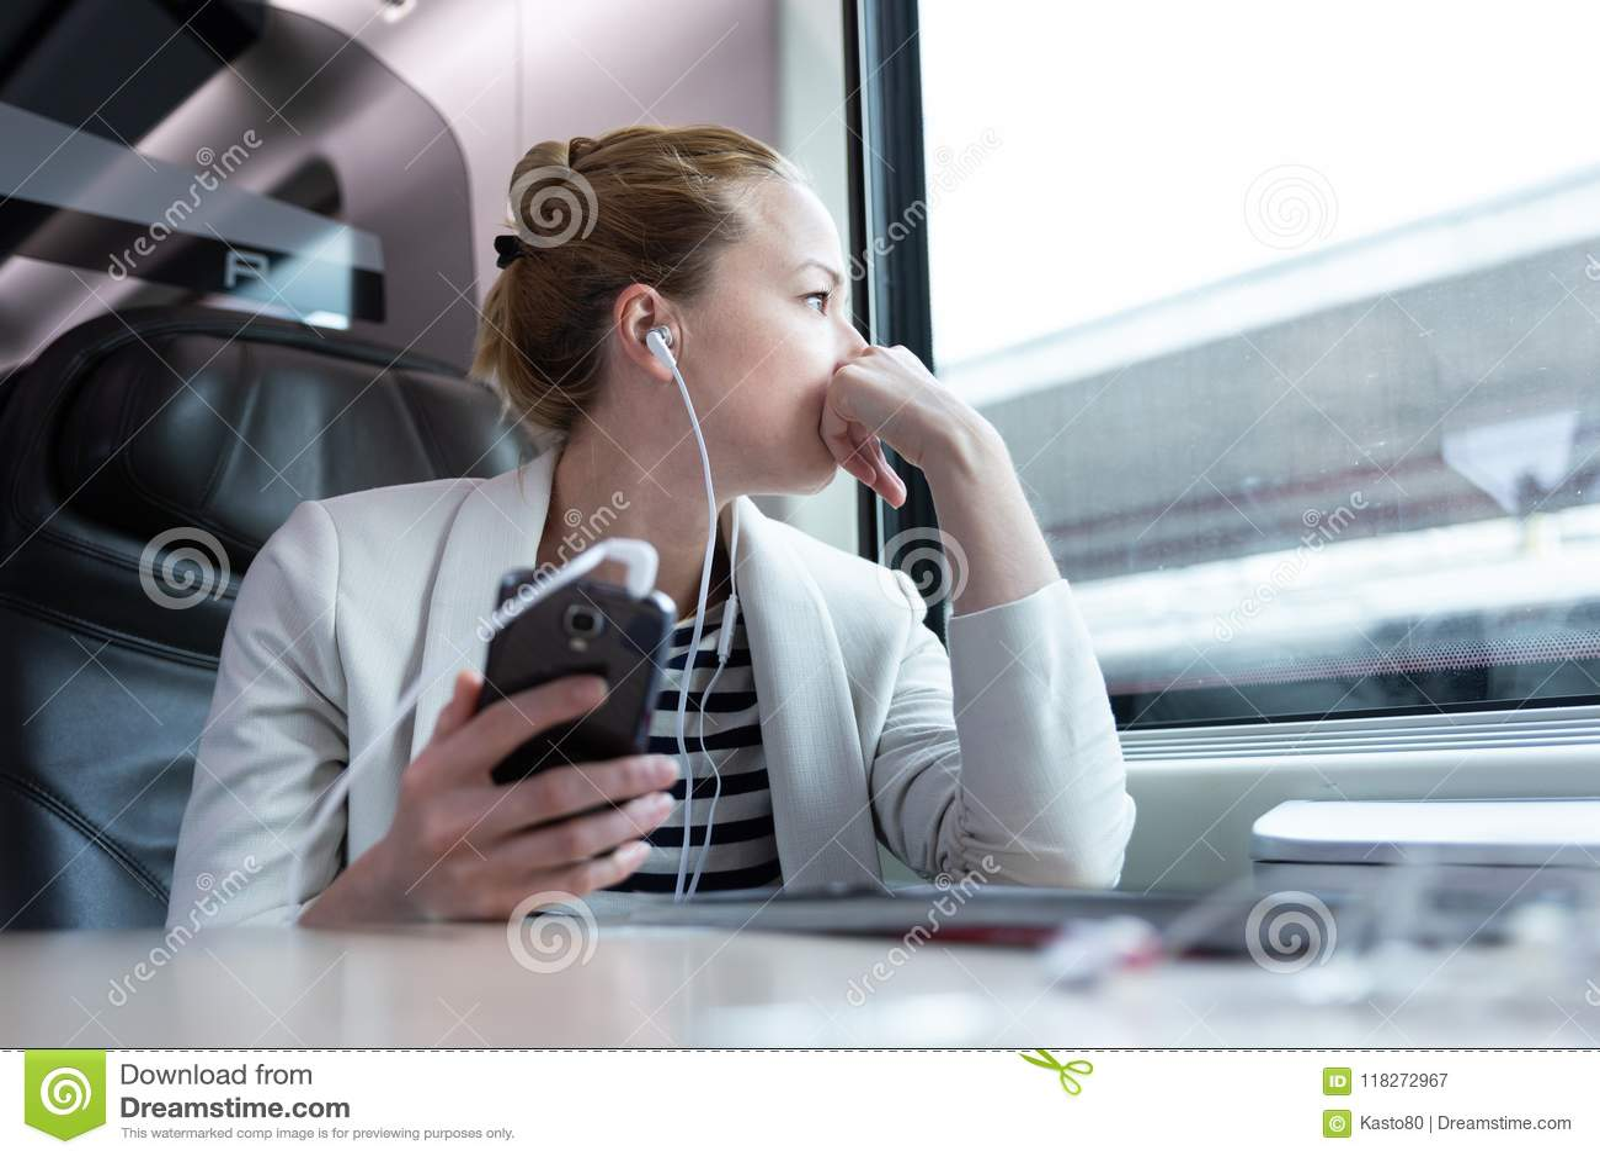 Nadenkende onderneemster die aan podcast op mobiele telefoon luisteren terwijl het reizen door trein